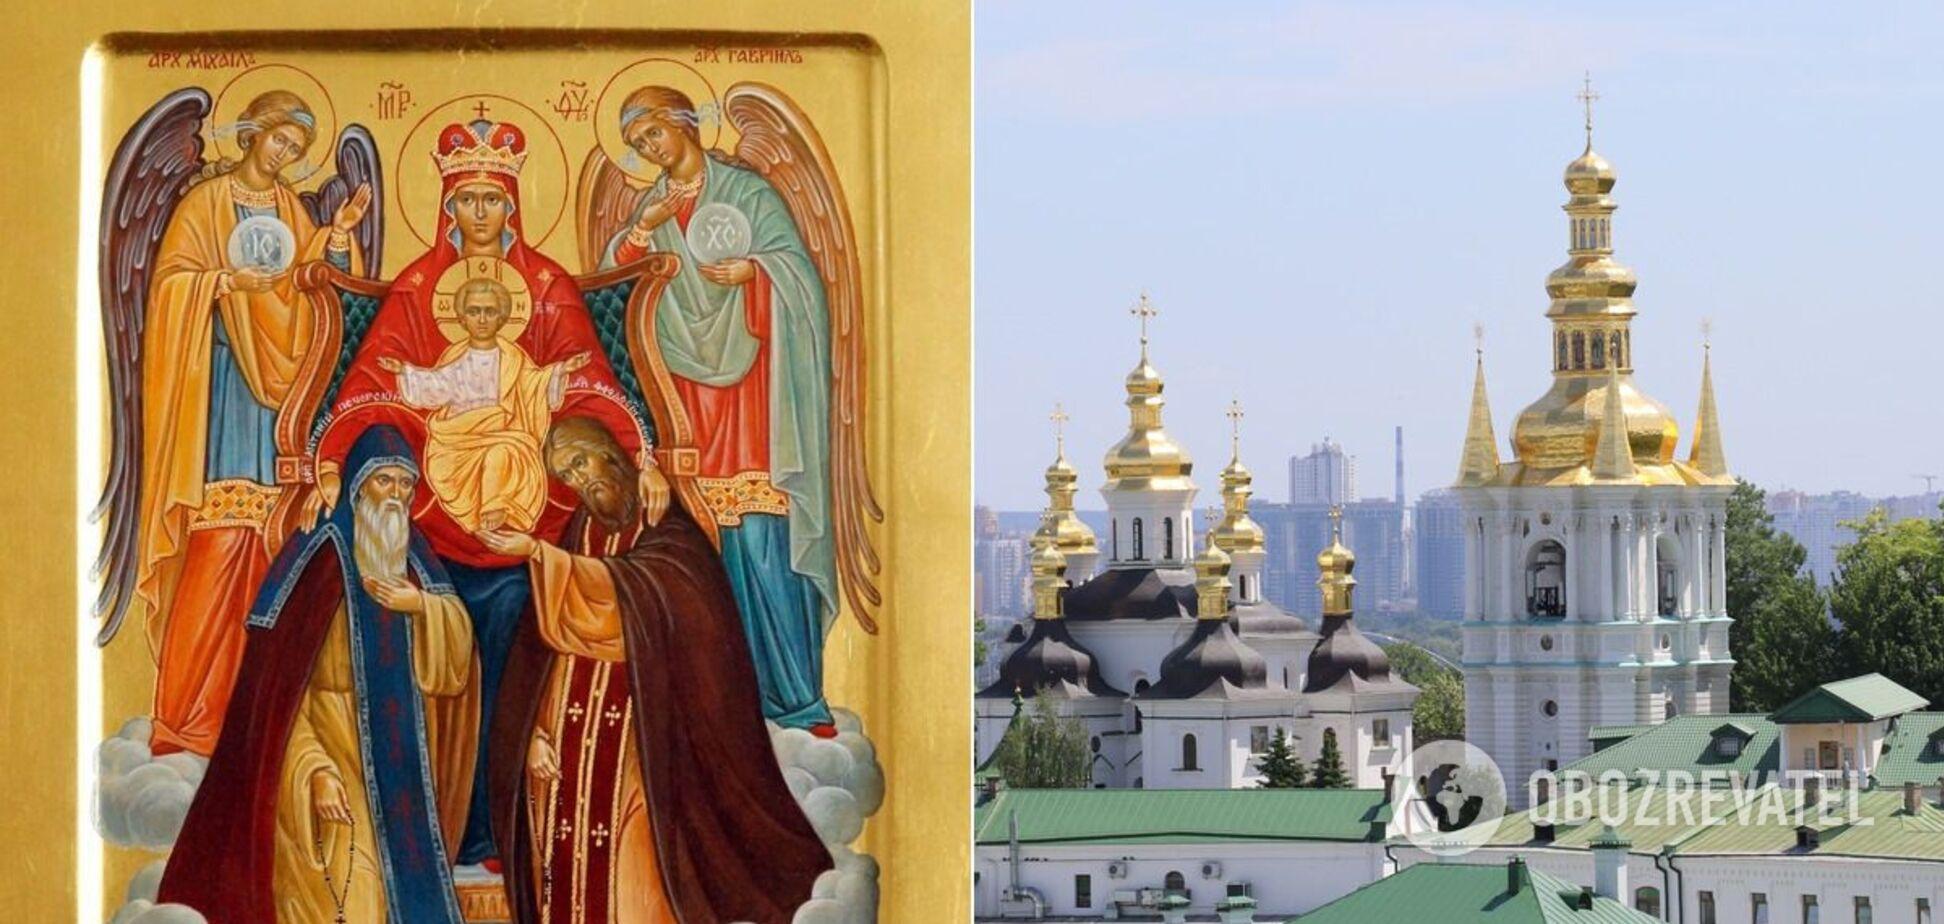 Преподобні Антоній і Феодосій – засновники Києво-Печерської лаври